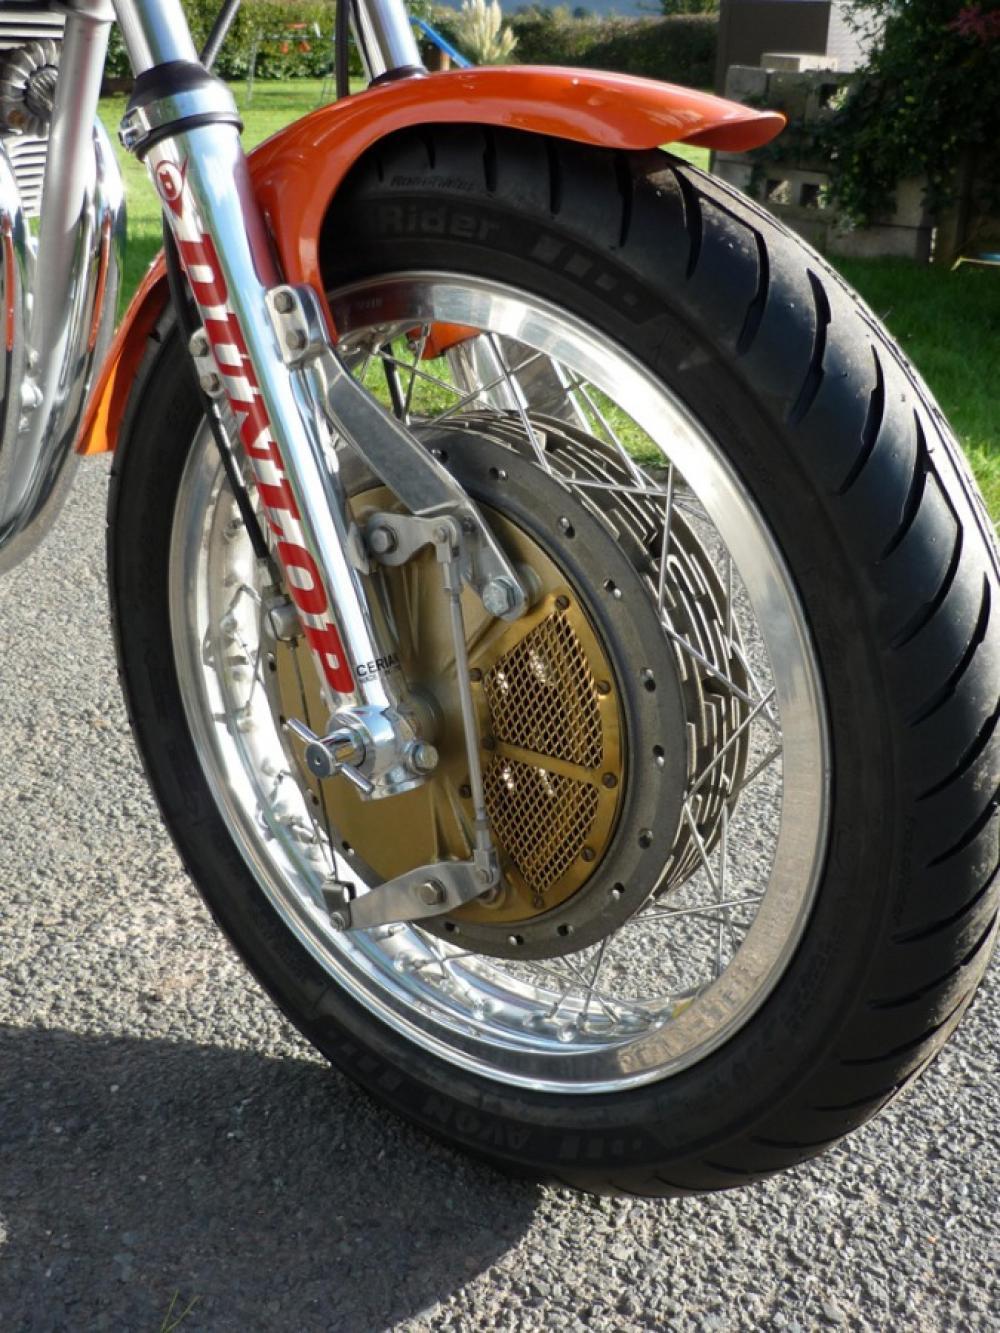 Schema Elettrico Ktm Adventure : I freni nelle moto selezione motociclismo